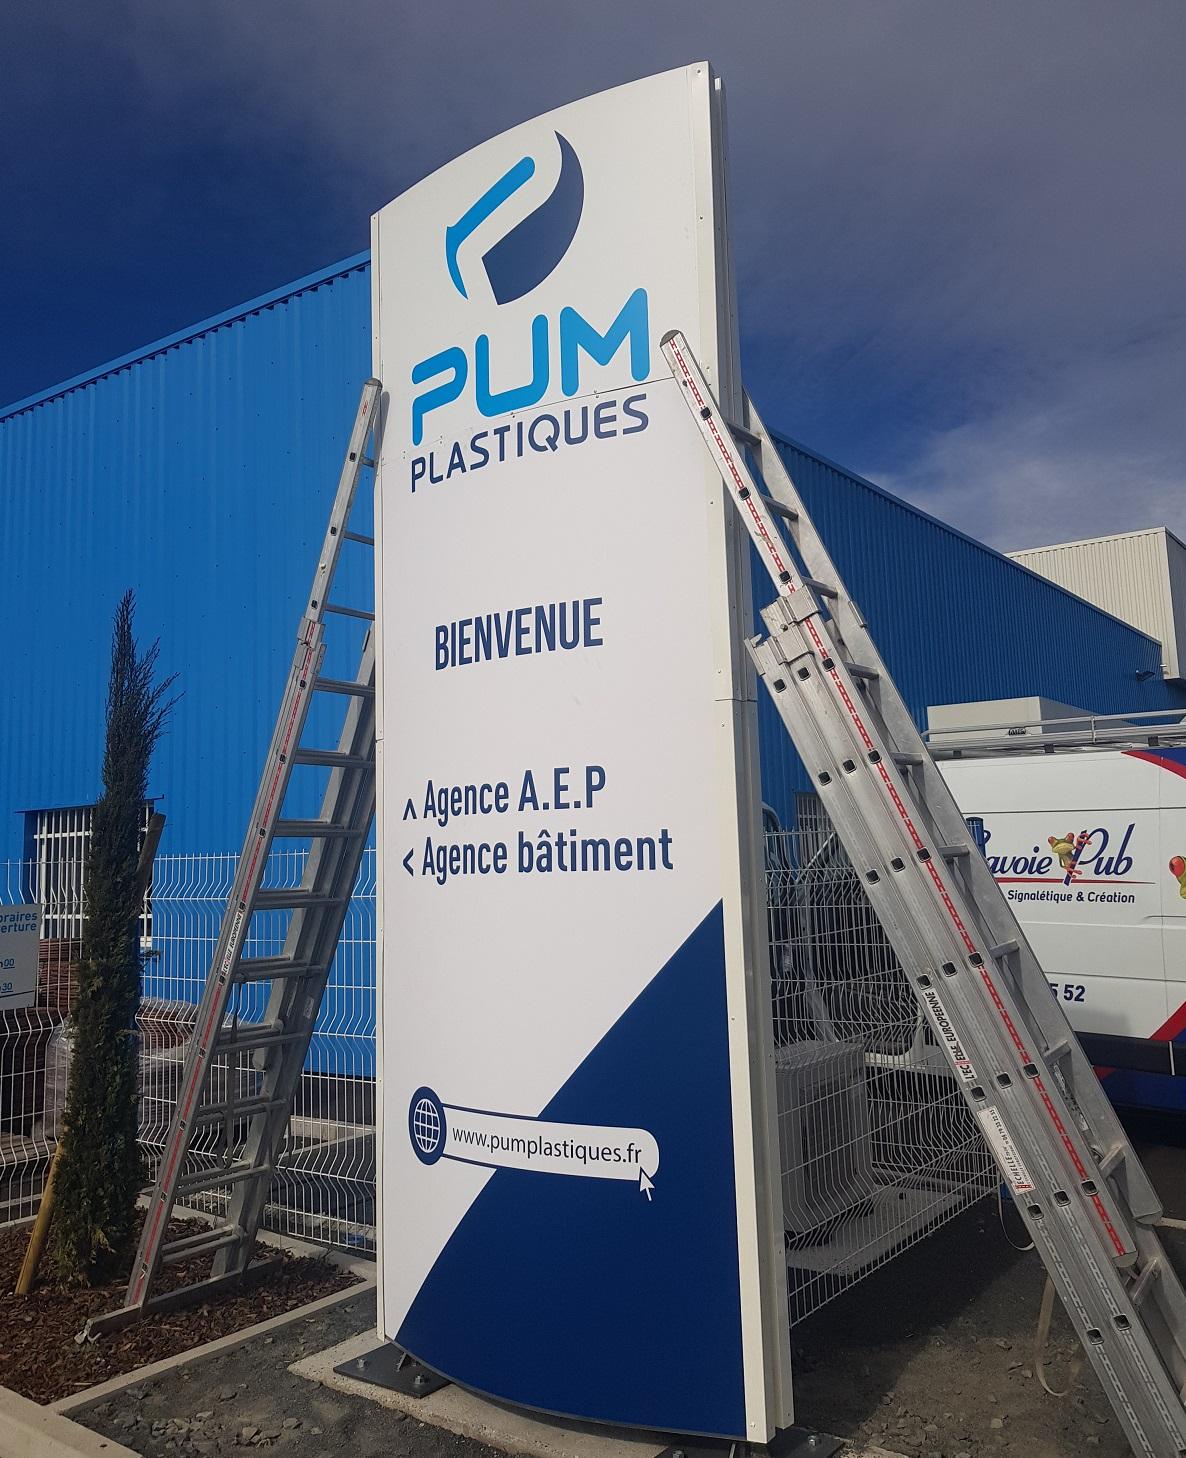 TOTEM LUMINEUX - PUM PLASTIQUE - 73000 - SAVOIE PUB